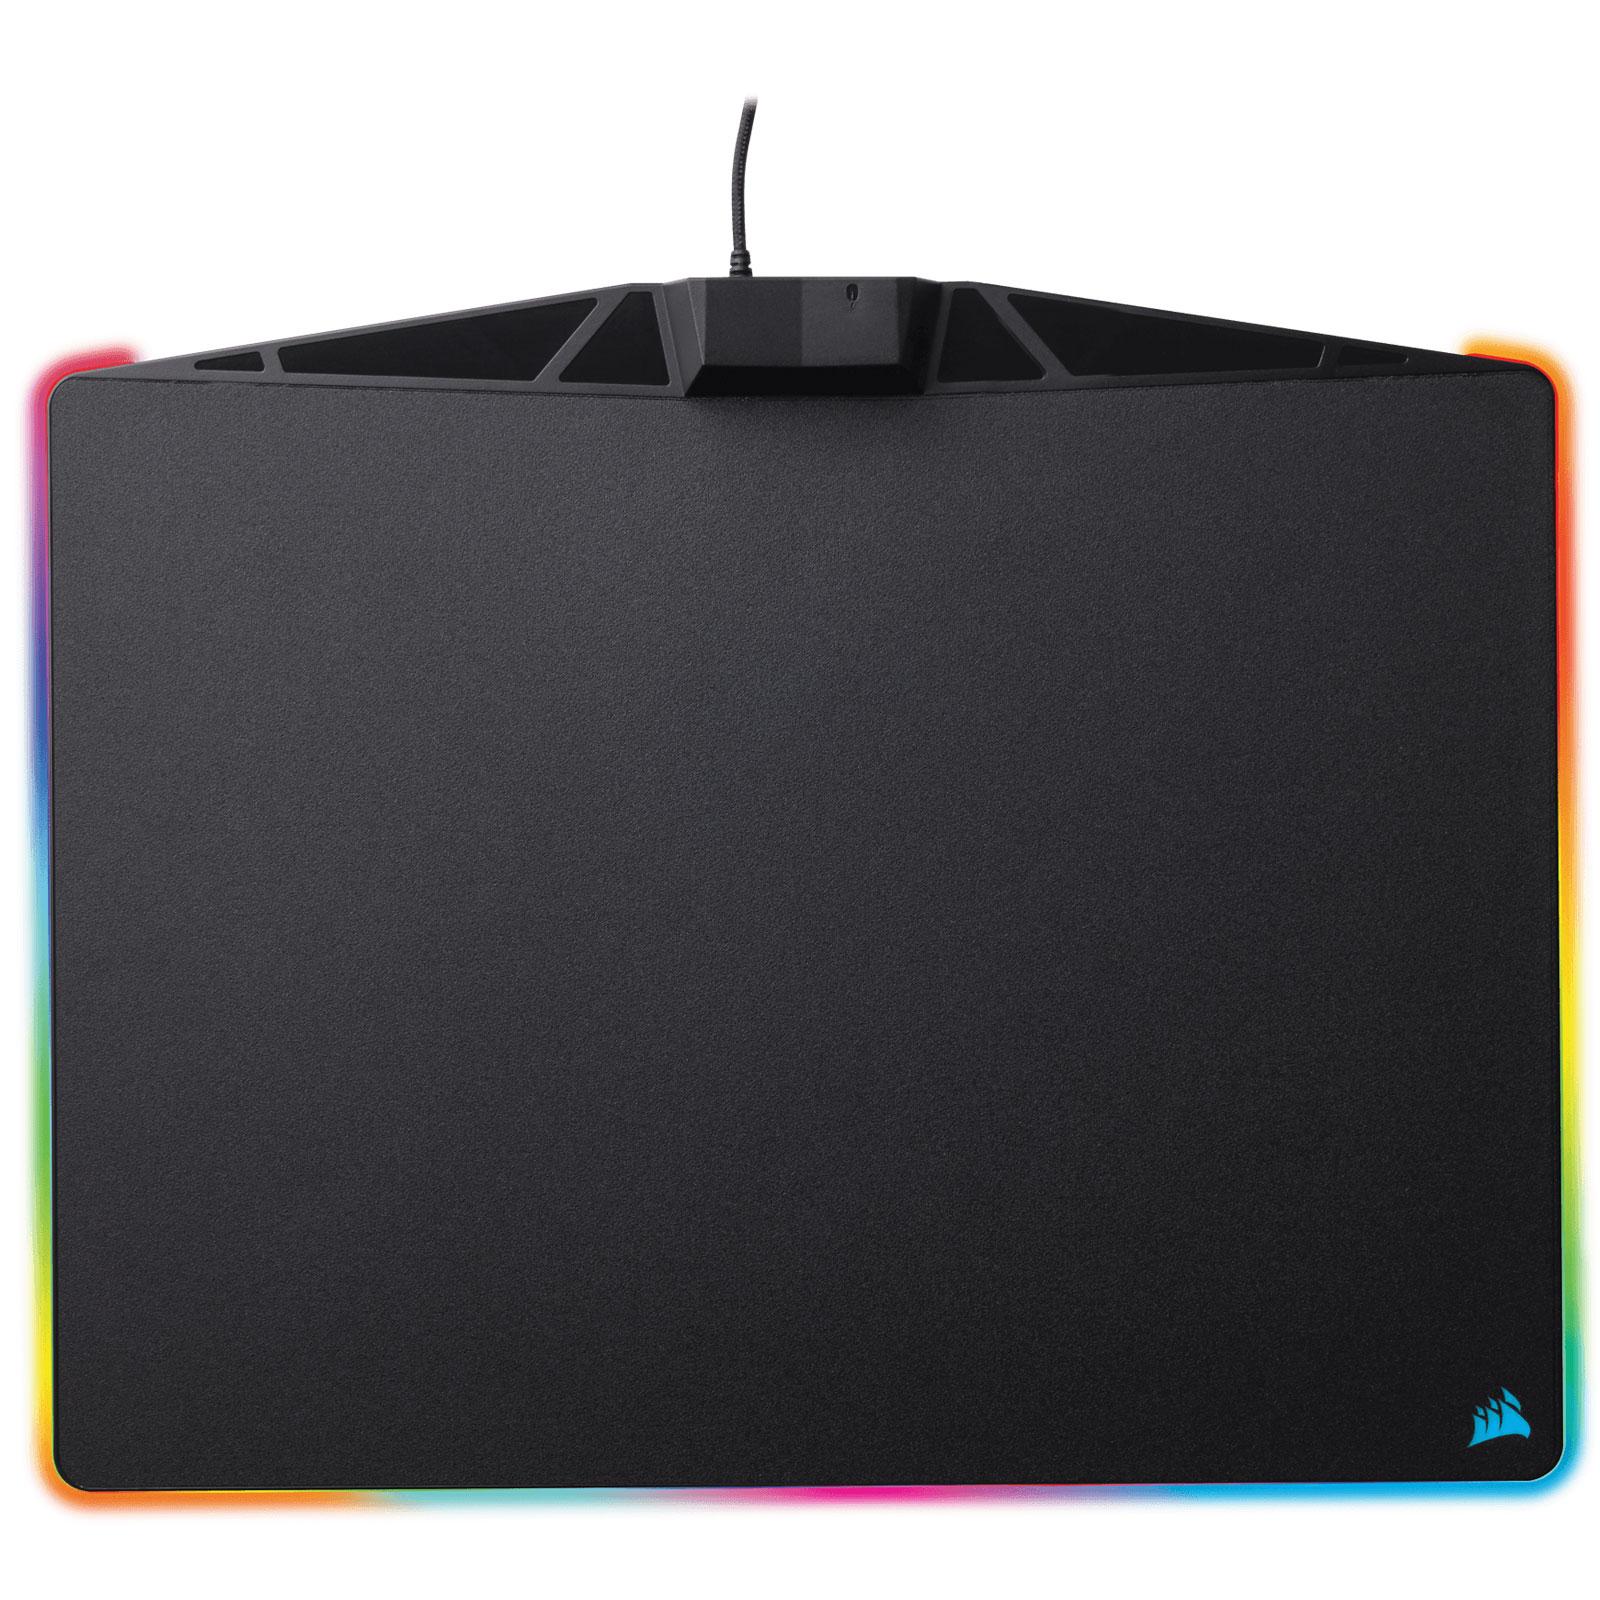 Corsair MM800 RGB POLARIS (CH-9440020-EU) - Achat / Vente Tapis de souris sur Cybertek.fr - 1